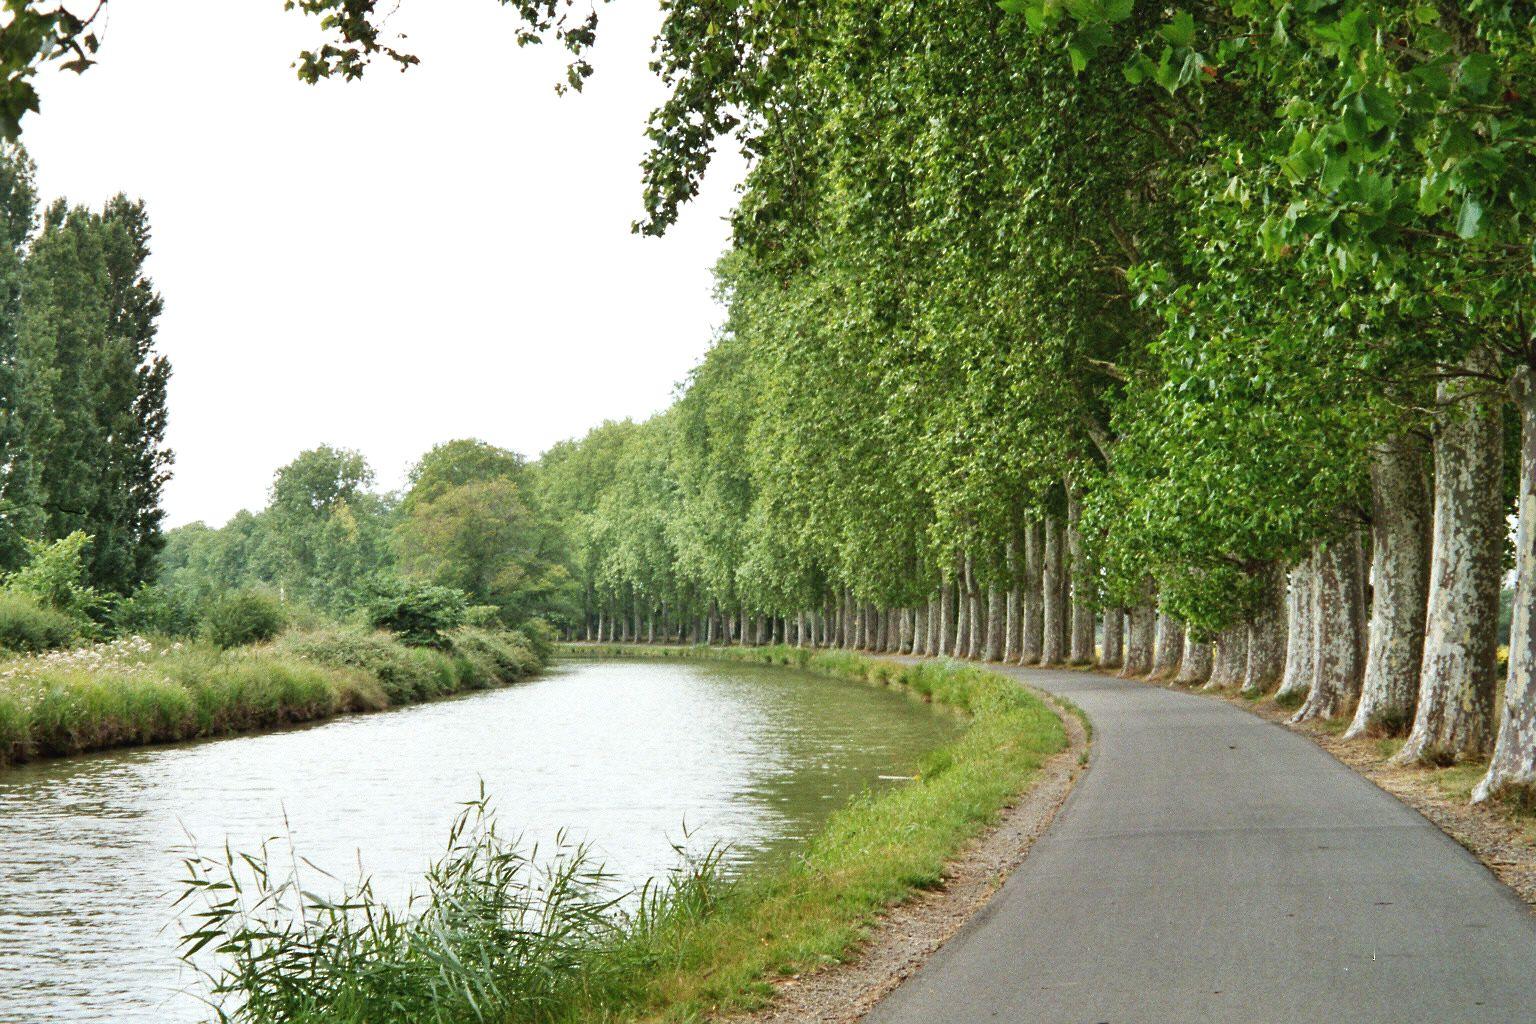 Fichier:Canal du Midi, juillet 2006 - Courbe.jpg — Wikipédia